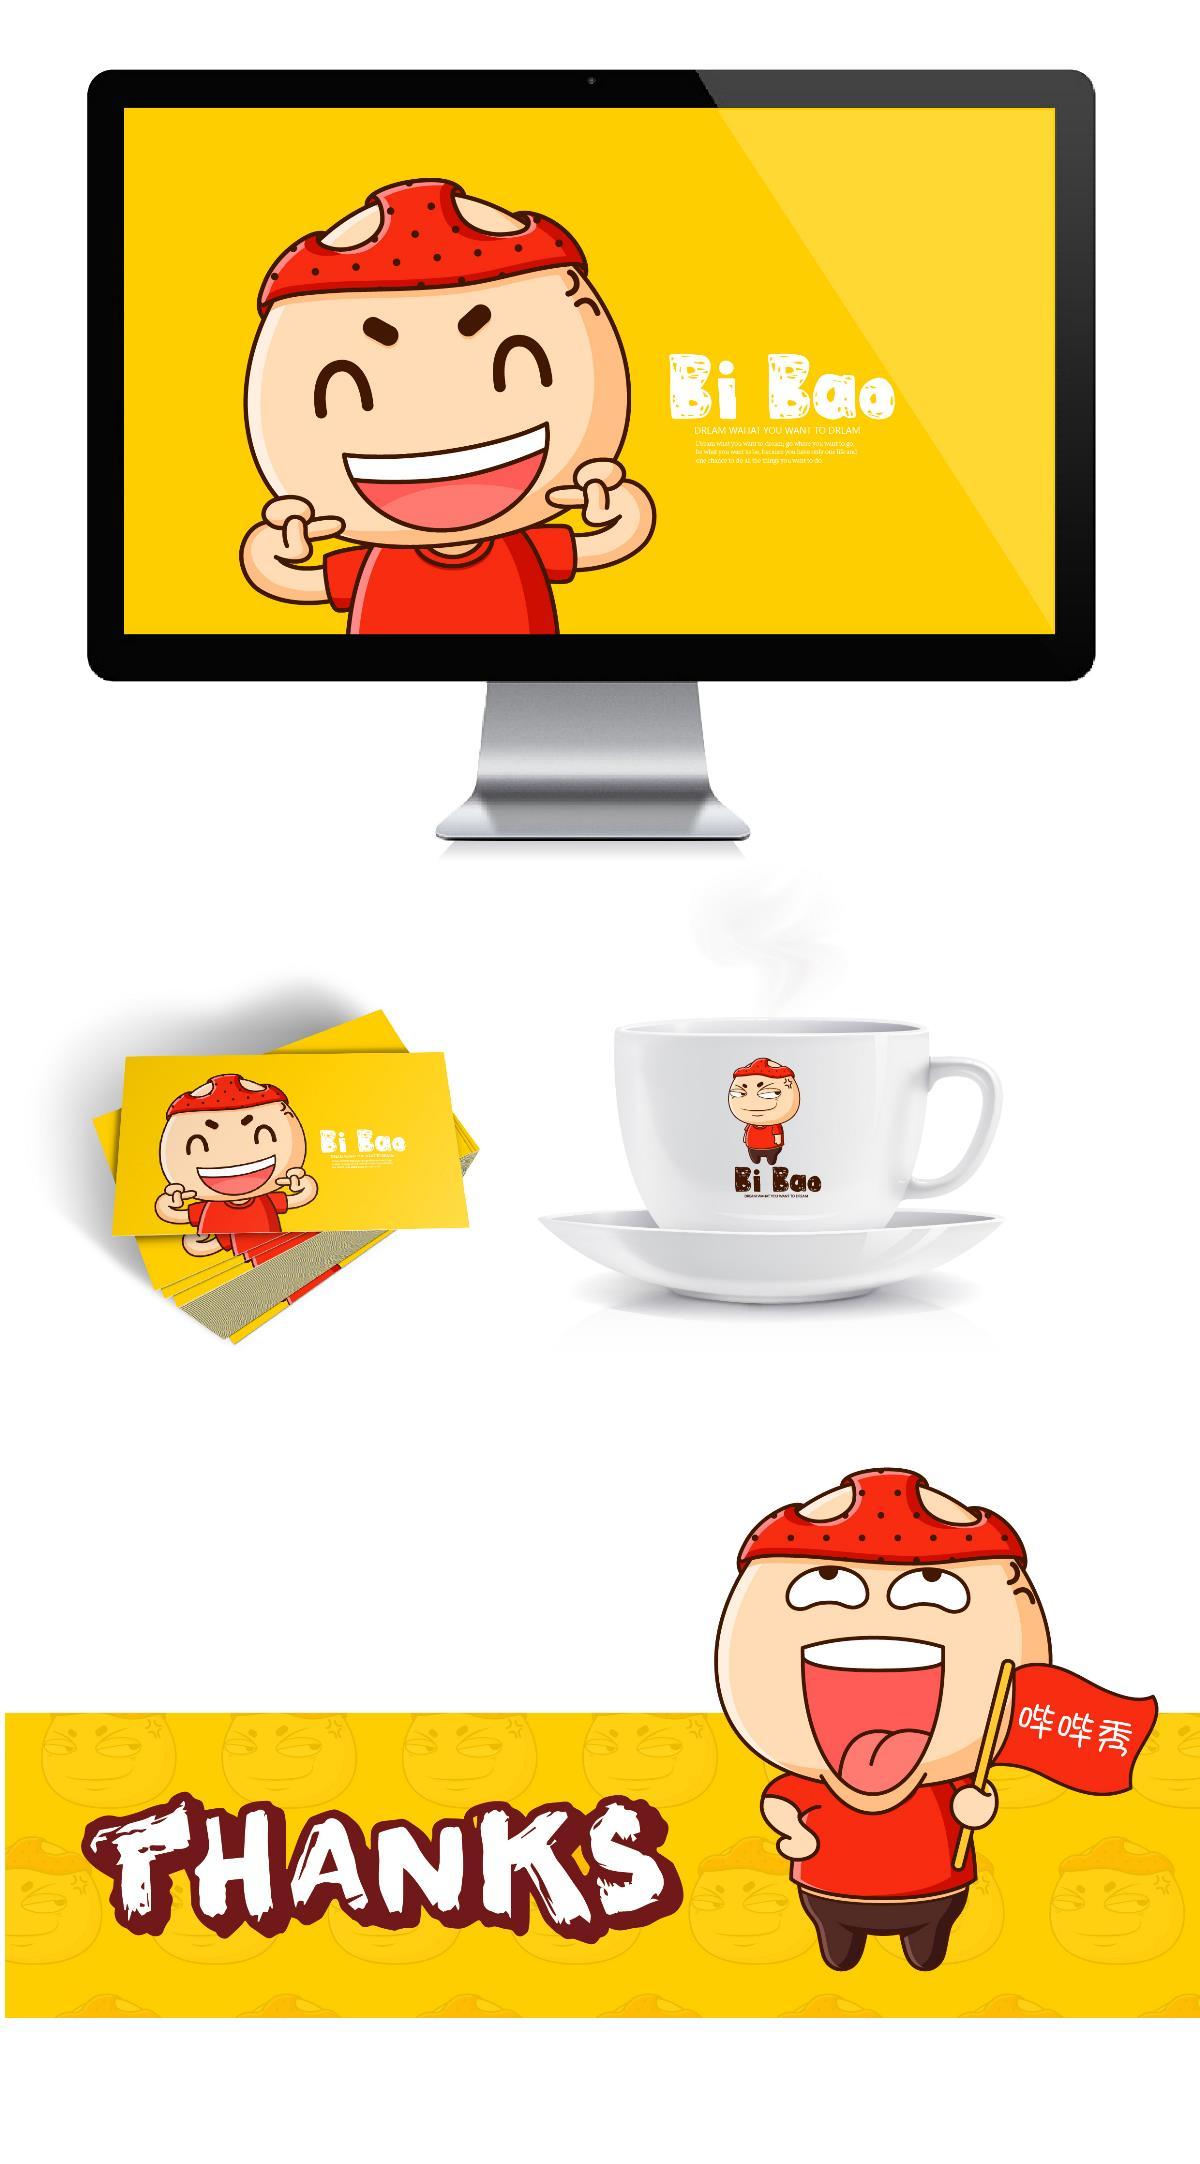 哔哔秀工坊卡通形象设计品牌形象吉祥物设计微信动态表情gif设计---茁茁猫原创设计